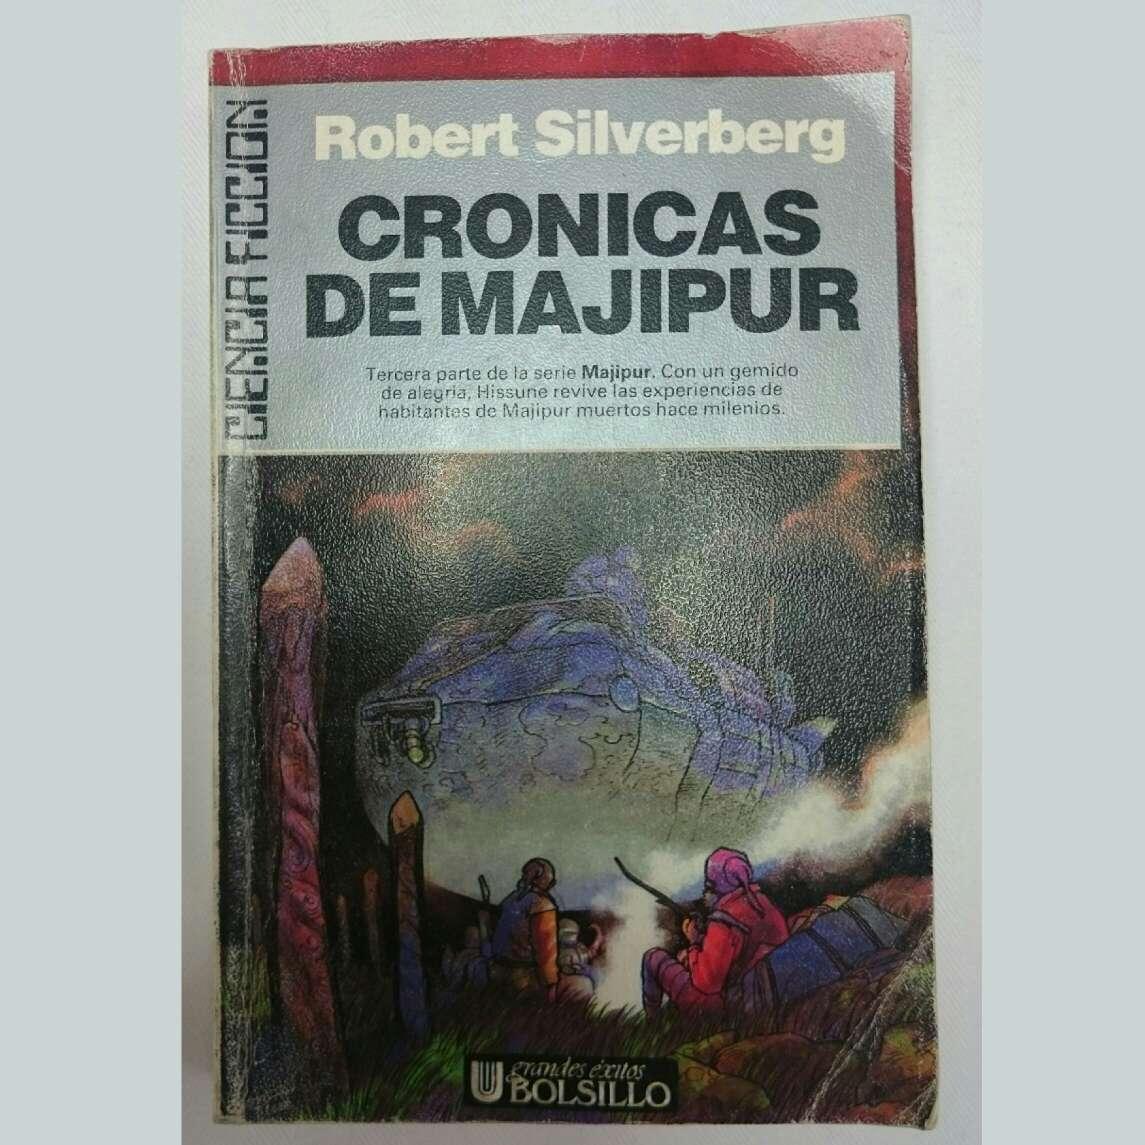 Imagen Crónicas de Majipur volumen 3